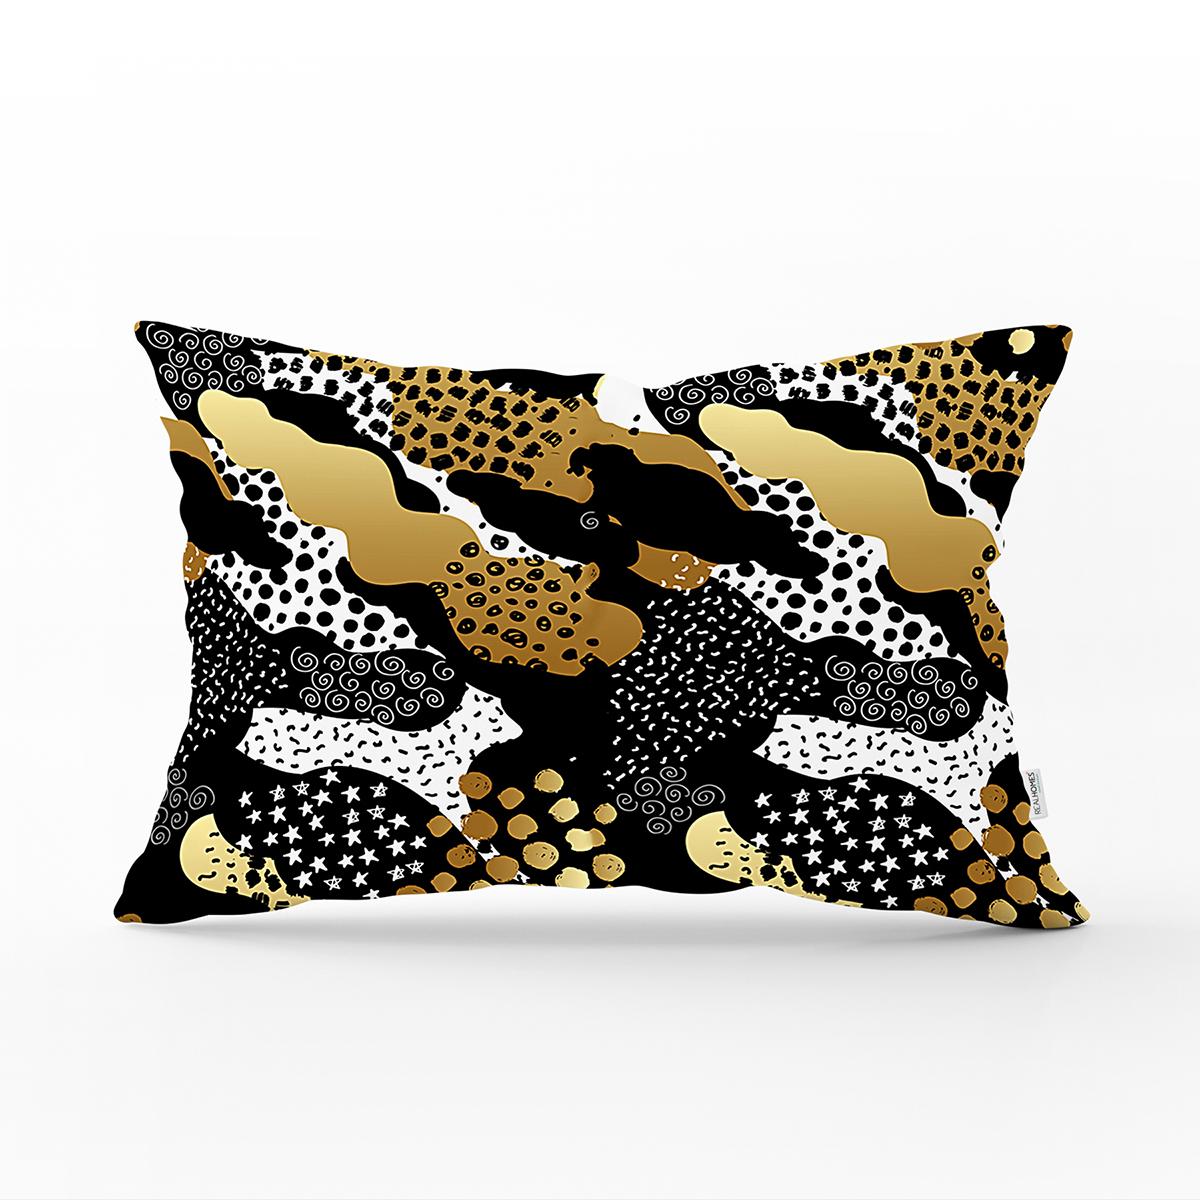 Siyah Zemin Üzerinde Gold Detaylı Modern Desenli Modern Dikdörtgen Yastık Kırlent Kılıfı Realhomes